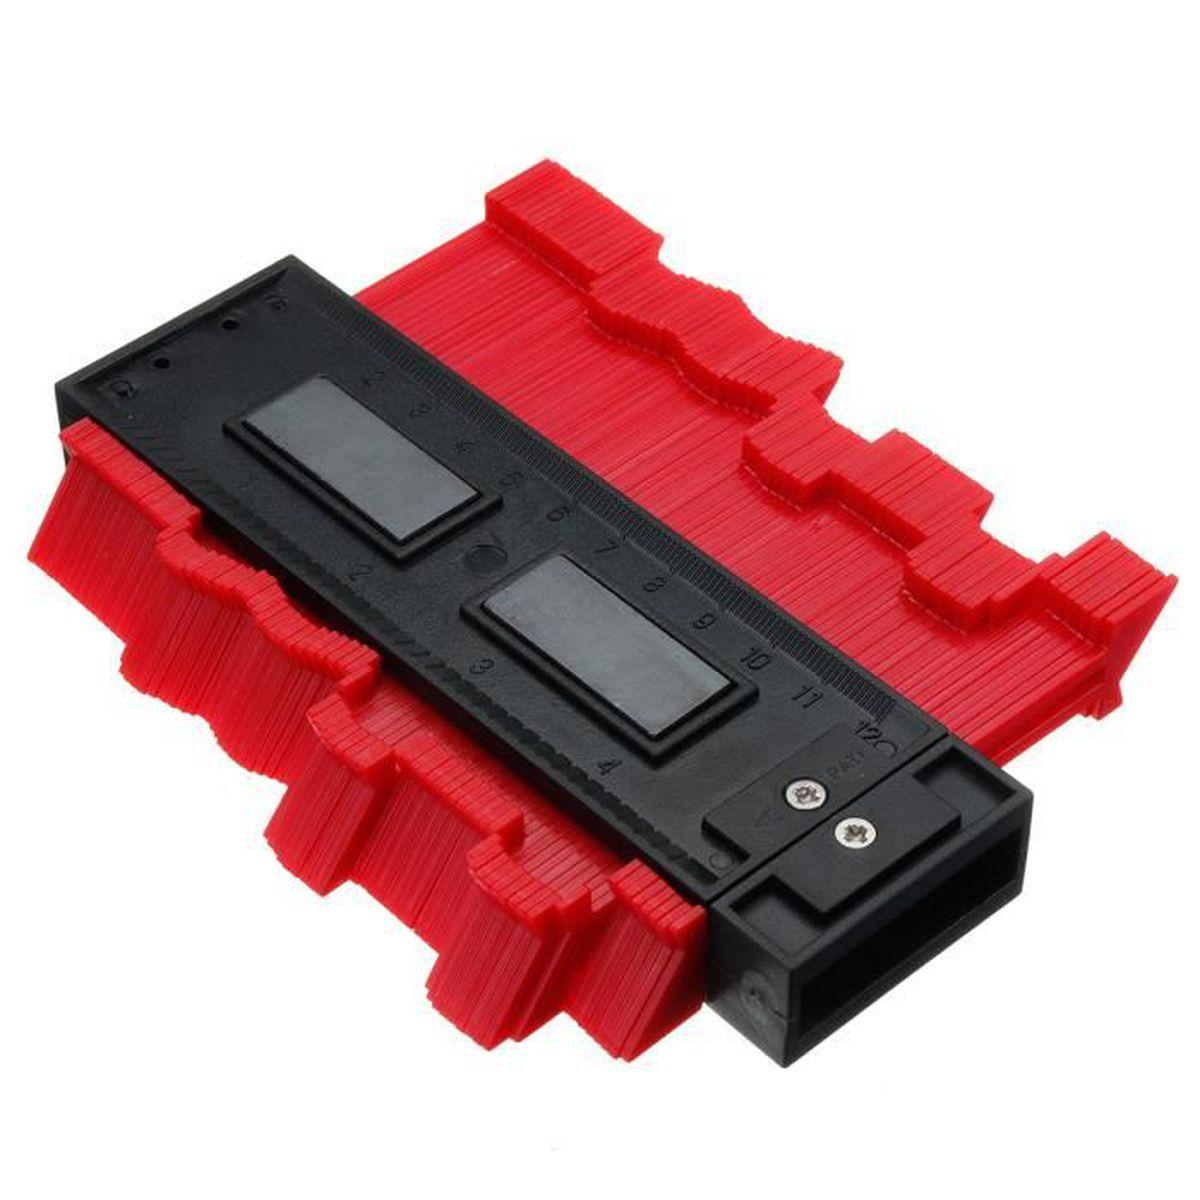 Plastique Gauge Contour Profil copie Gauge Duplicateur Bois Carrelage Marquage Outil